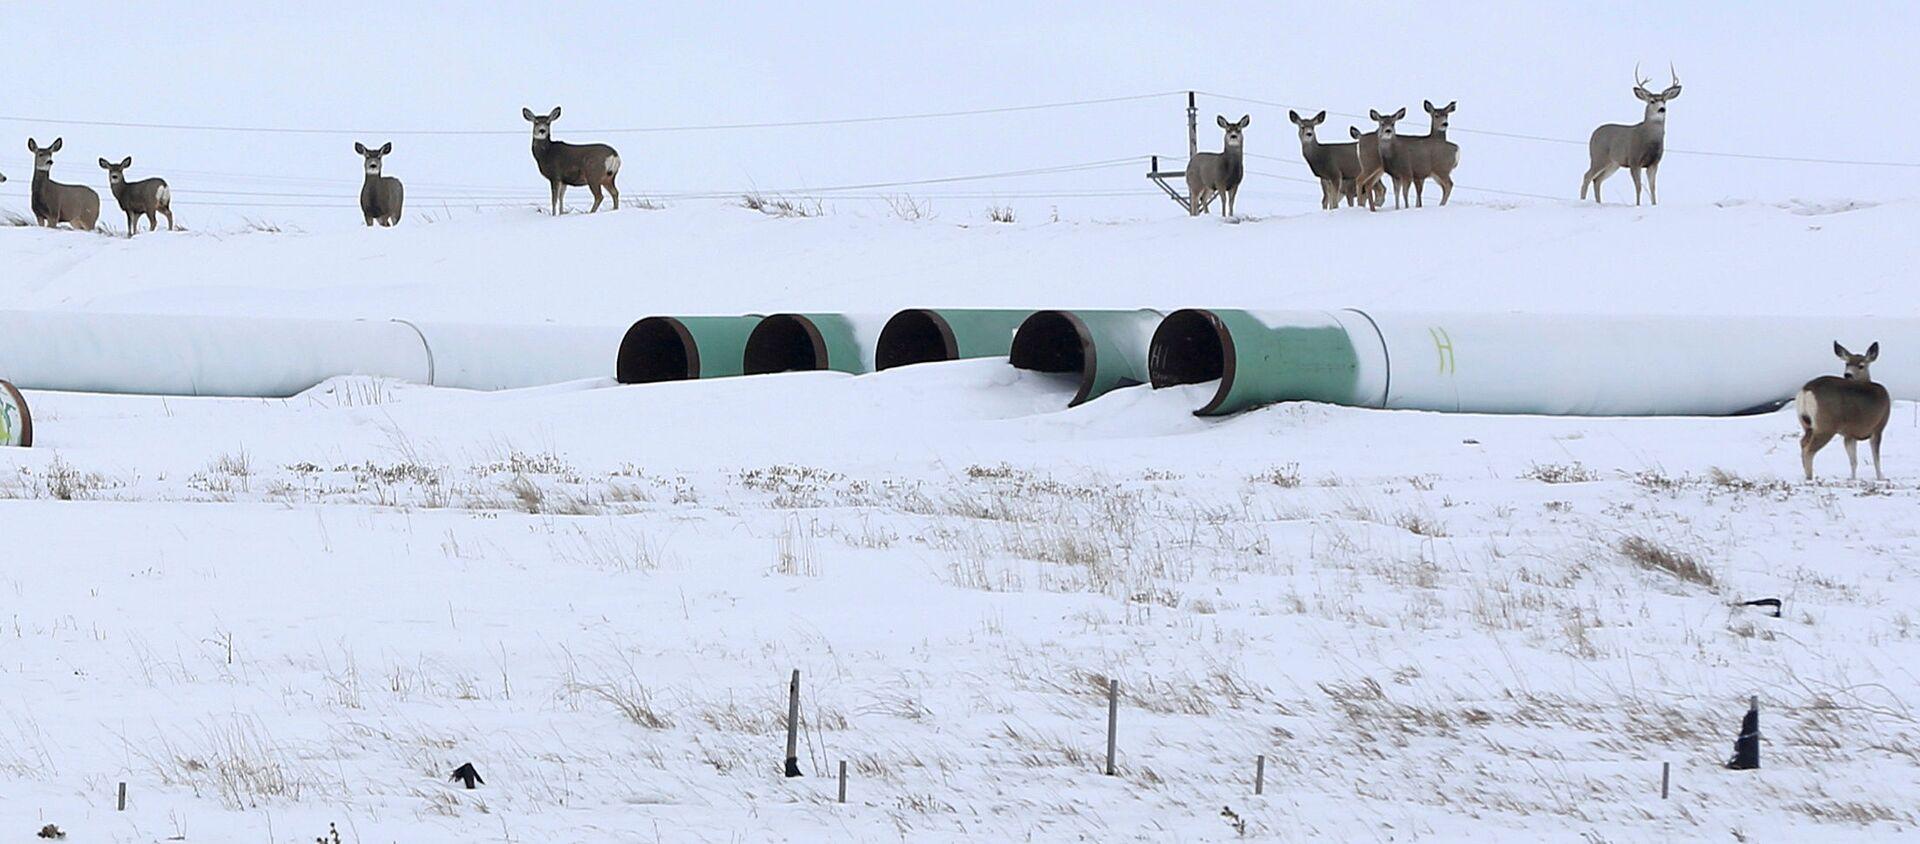 Трубы для нефтепровода Keystone XL в Гаскойне, Северная Дакота - Sputnik Узбекистан, 1920, 26.01.2021